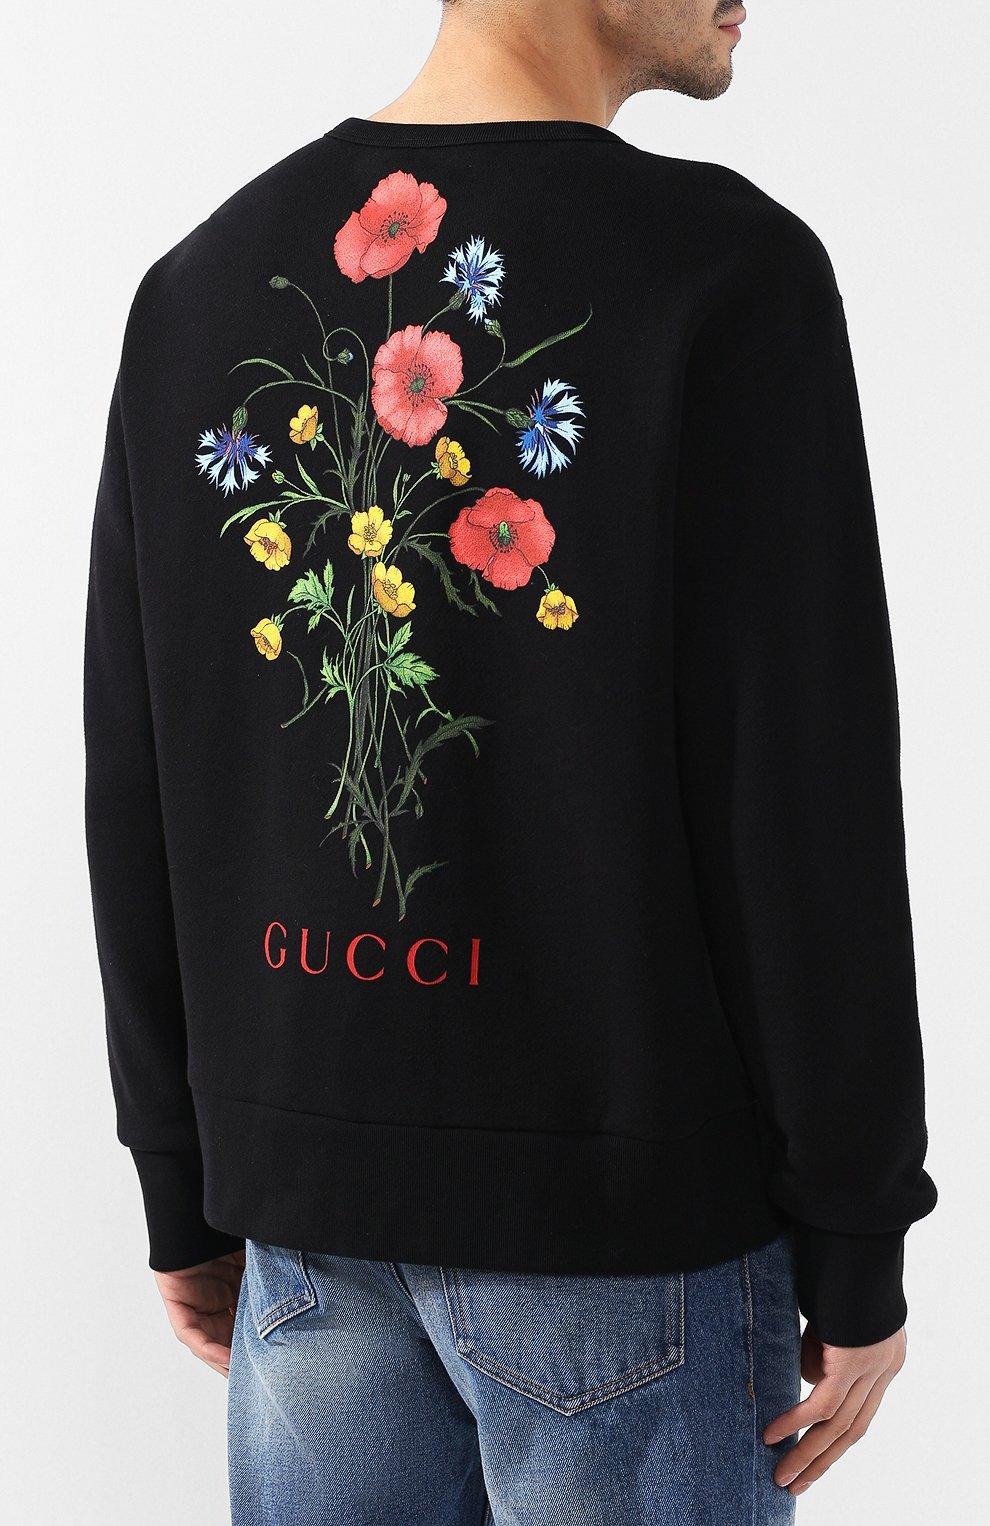 e03bd4da1709 Мужская одежда Gucci по цене от 23 000 руб. купить в интернет-магазине ЦУМ